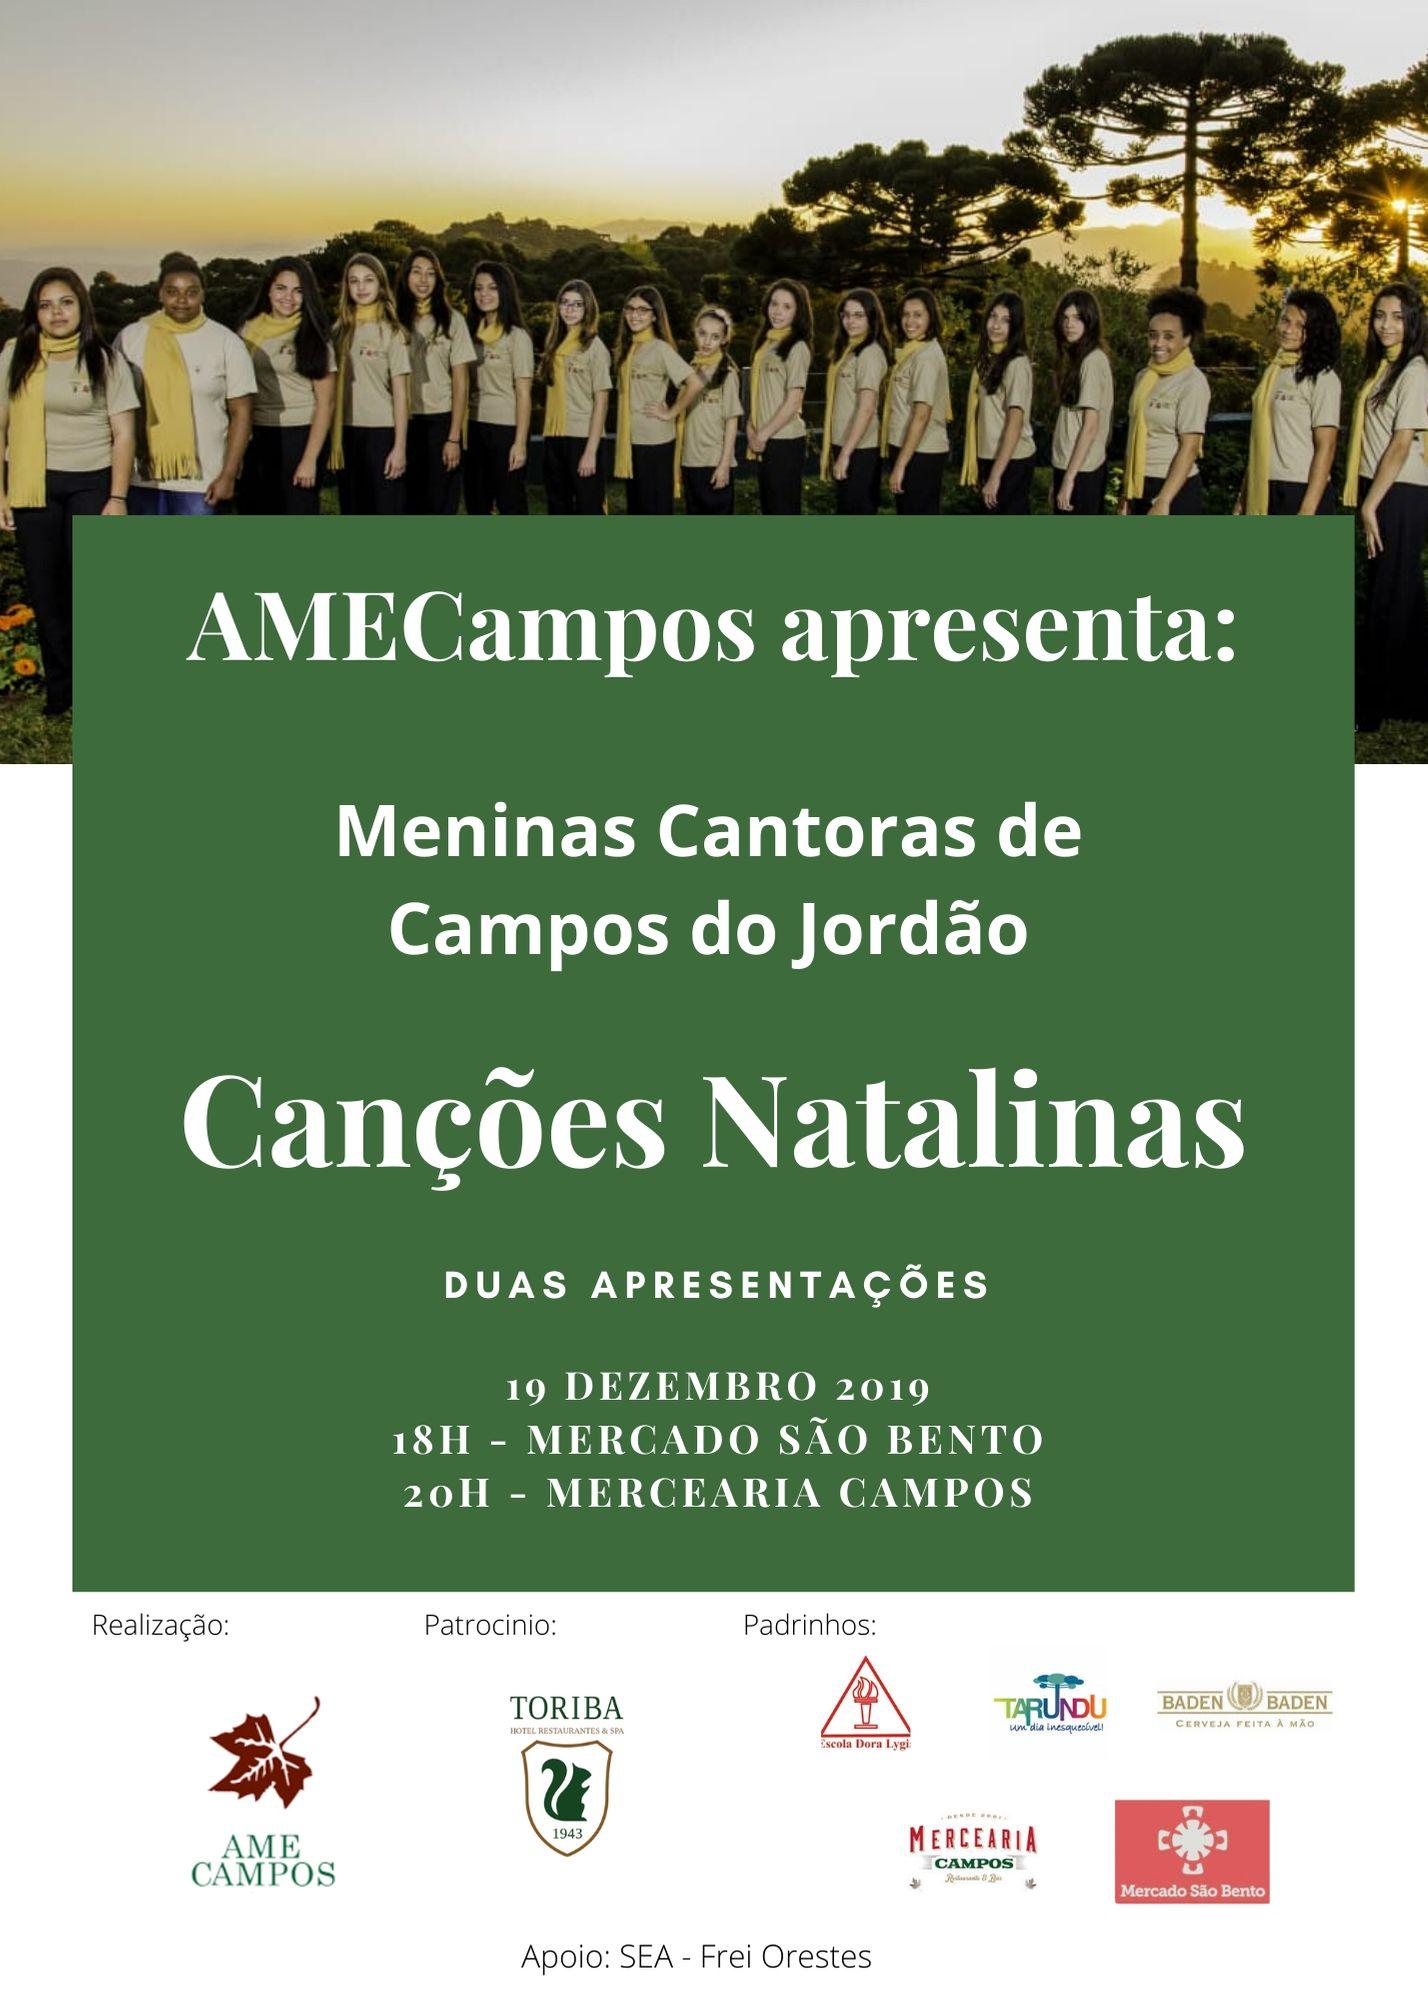 Concerto Meninas Cantoras de Campos do Jordão @ Mercearia Campos